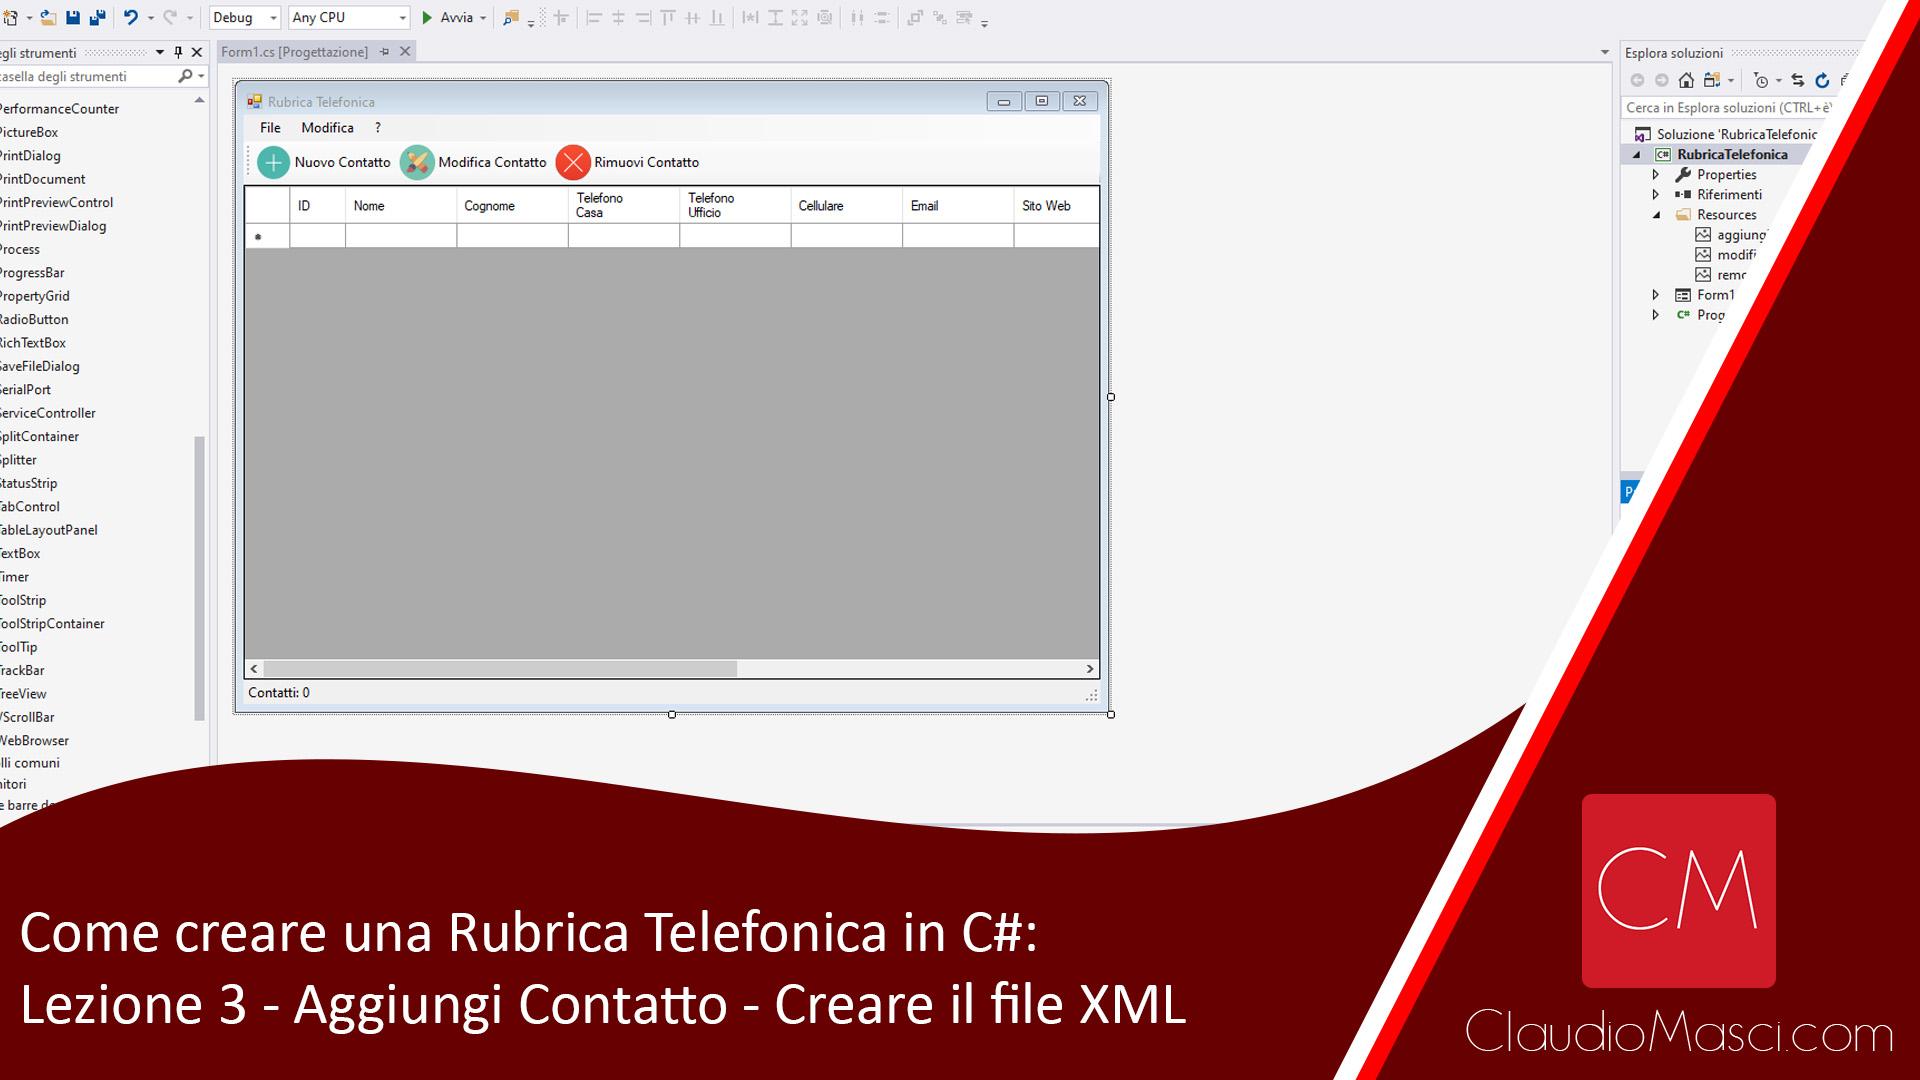 Come creare una Rubrica Telefonica in C# – Lezione 3 – Nuovo Contatto – Parte2 – Creazione File XML